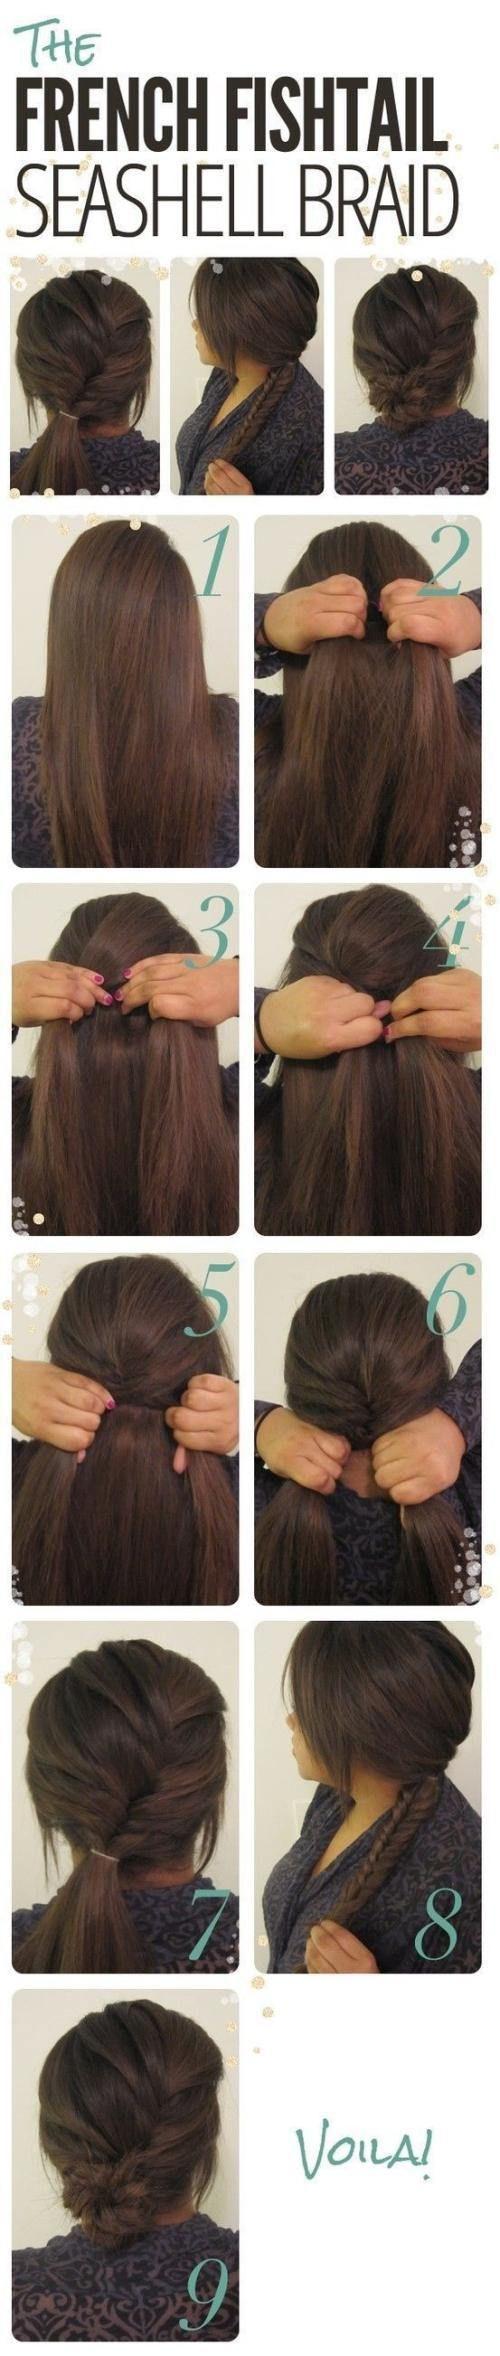 The French Fishtail Seashell Braid hair long hair braids diy hair hairstyles…